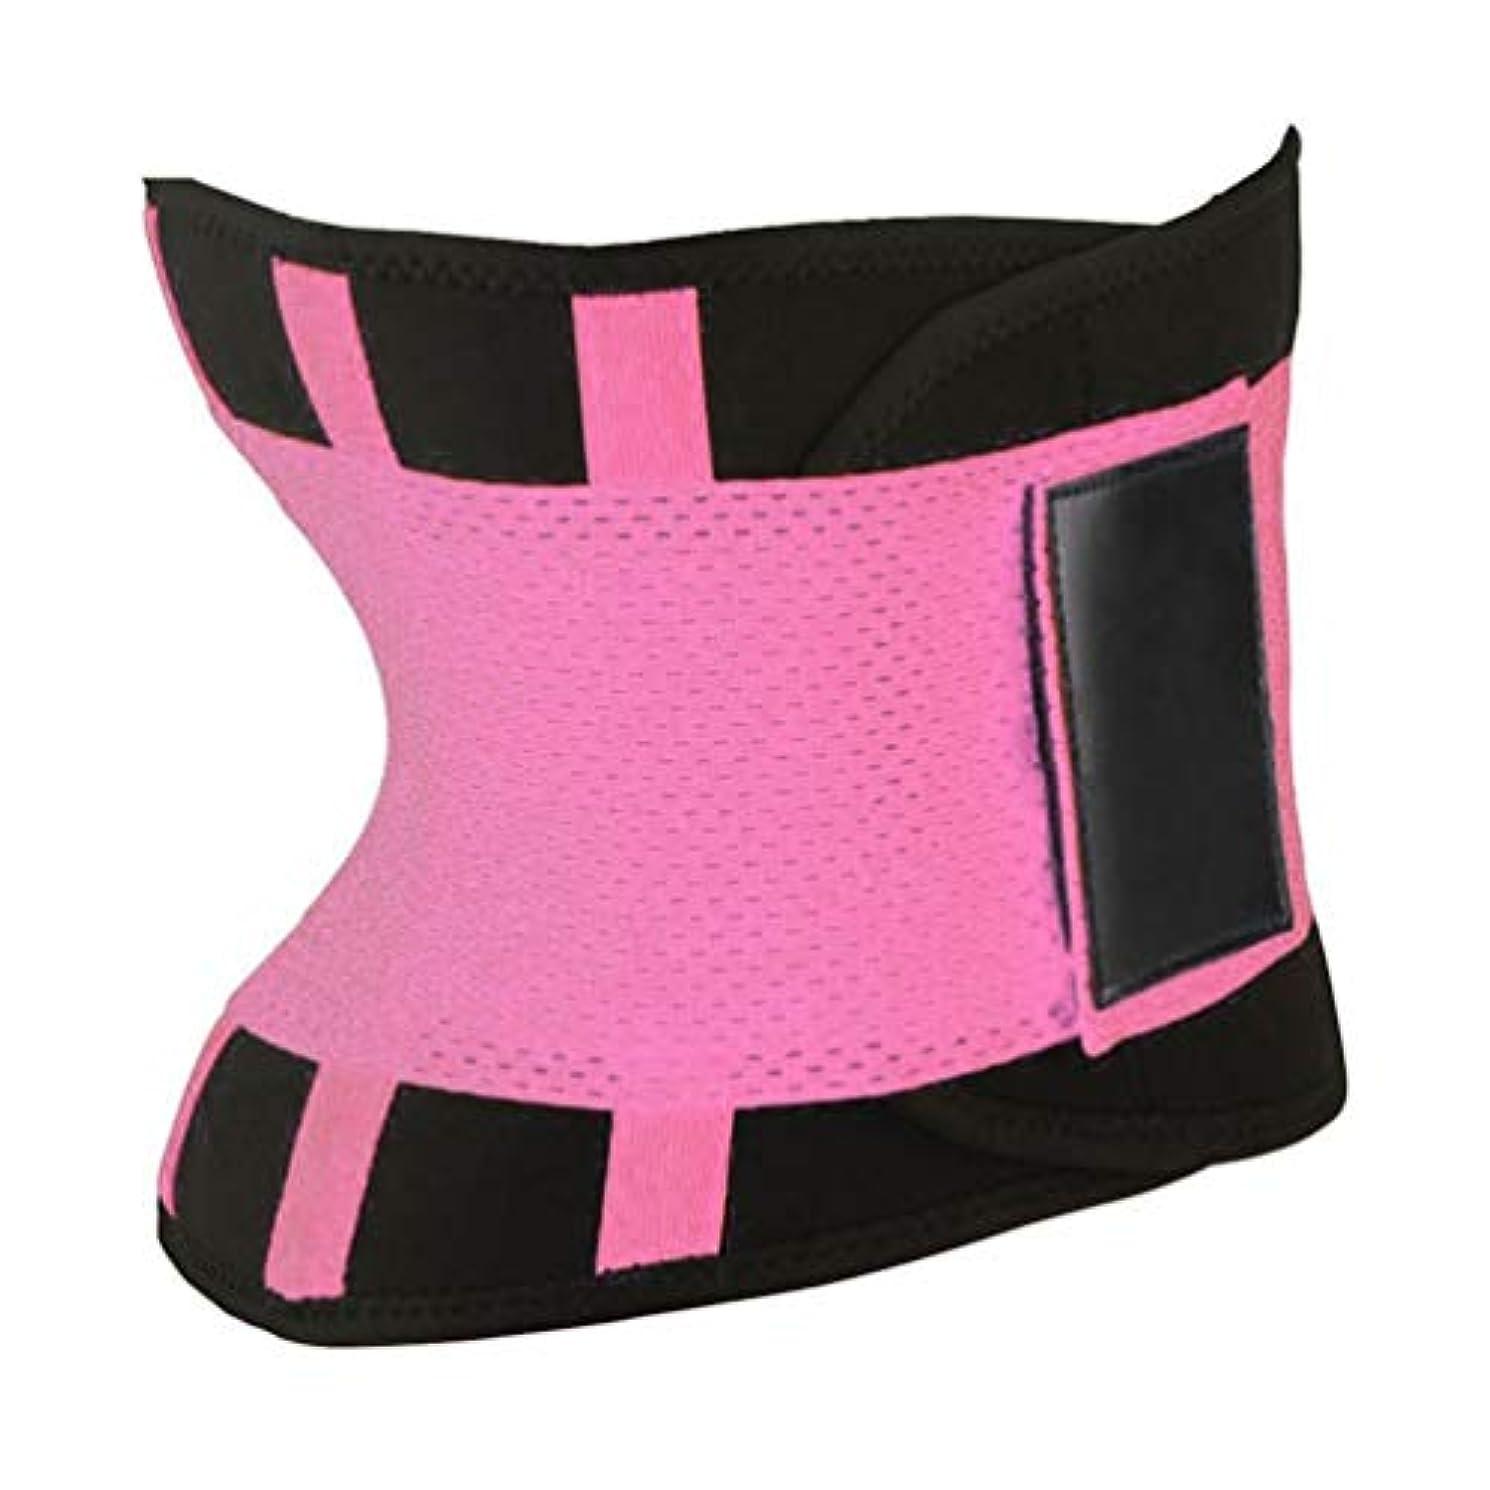 兵士行動穴快適な女性ボディシェイパー痩身シェイパーベルトスポーツ女性ウエストトレーナーニッパー制御バーニングボディおなかベルト - ピンク2xl